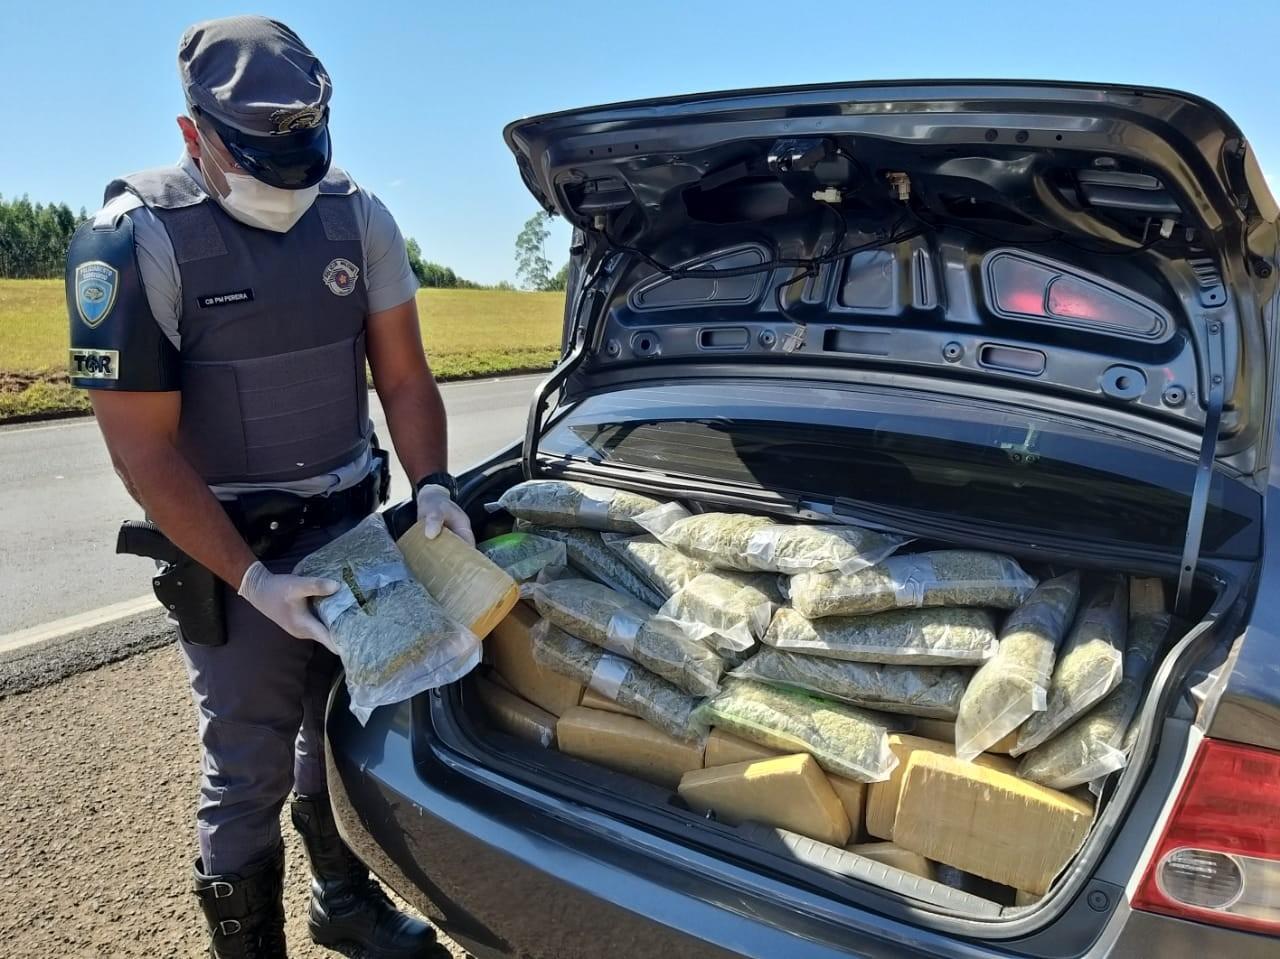 Mulher é presa após abandonar carro lotado com drogas às margens de rodovia no interior de SP